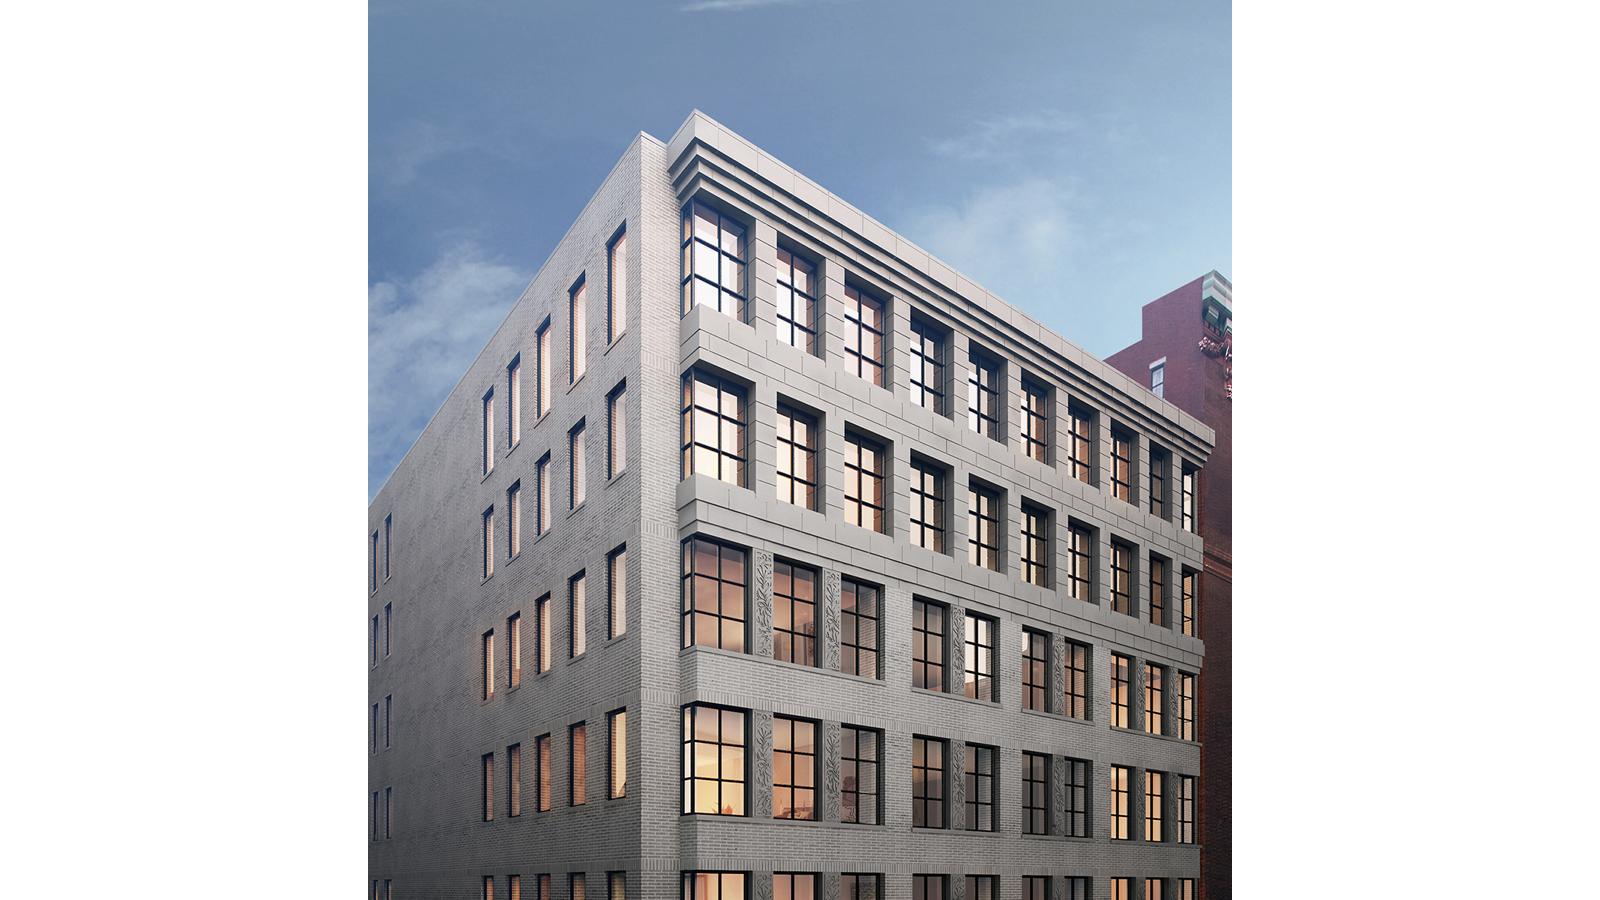 207W79, 207 West 79th Street